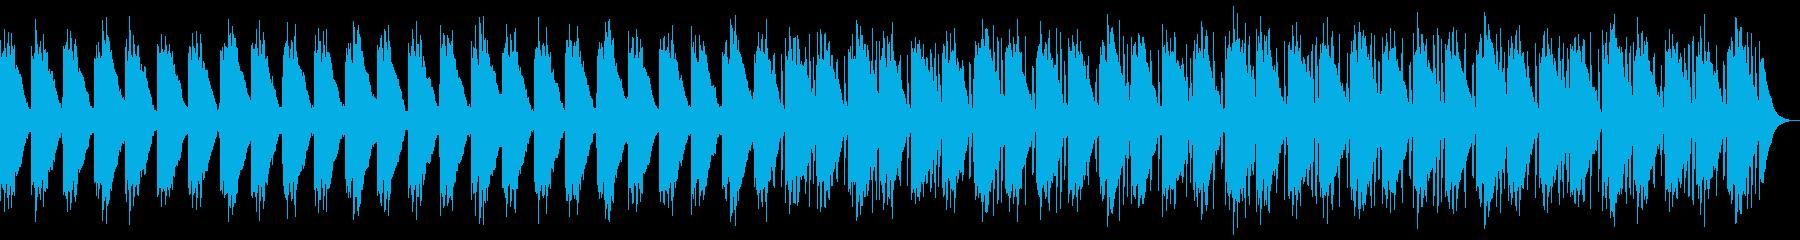 優しい琴の和風ヒーリングの再生済みの波形